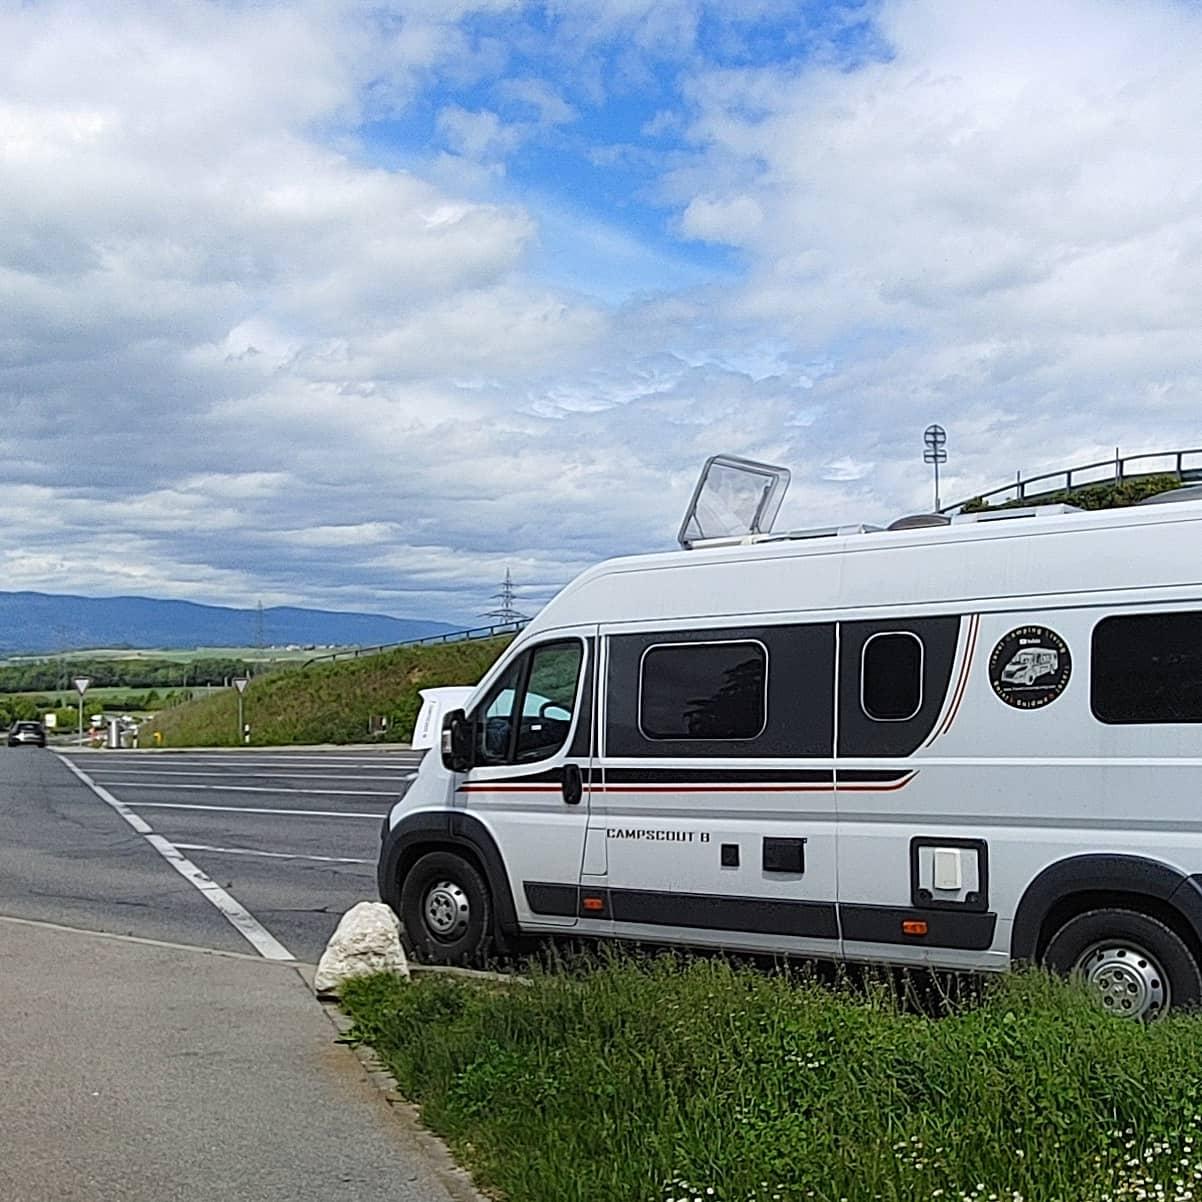 #265.5 Business Trip nach Lausanne - Wir bleiben liegen!